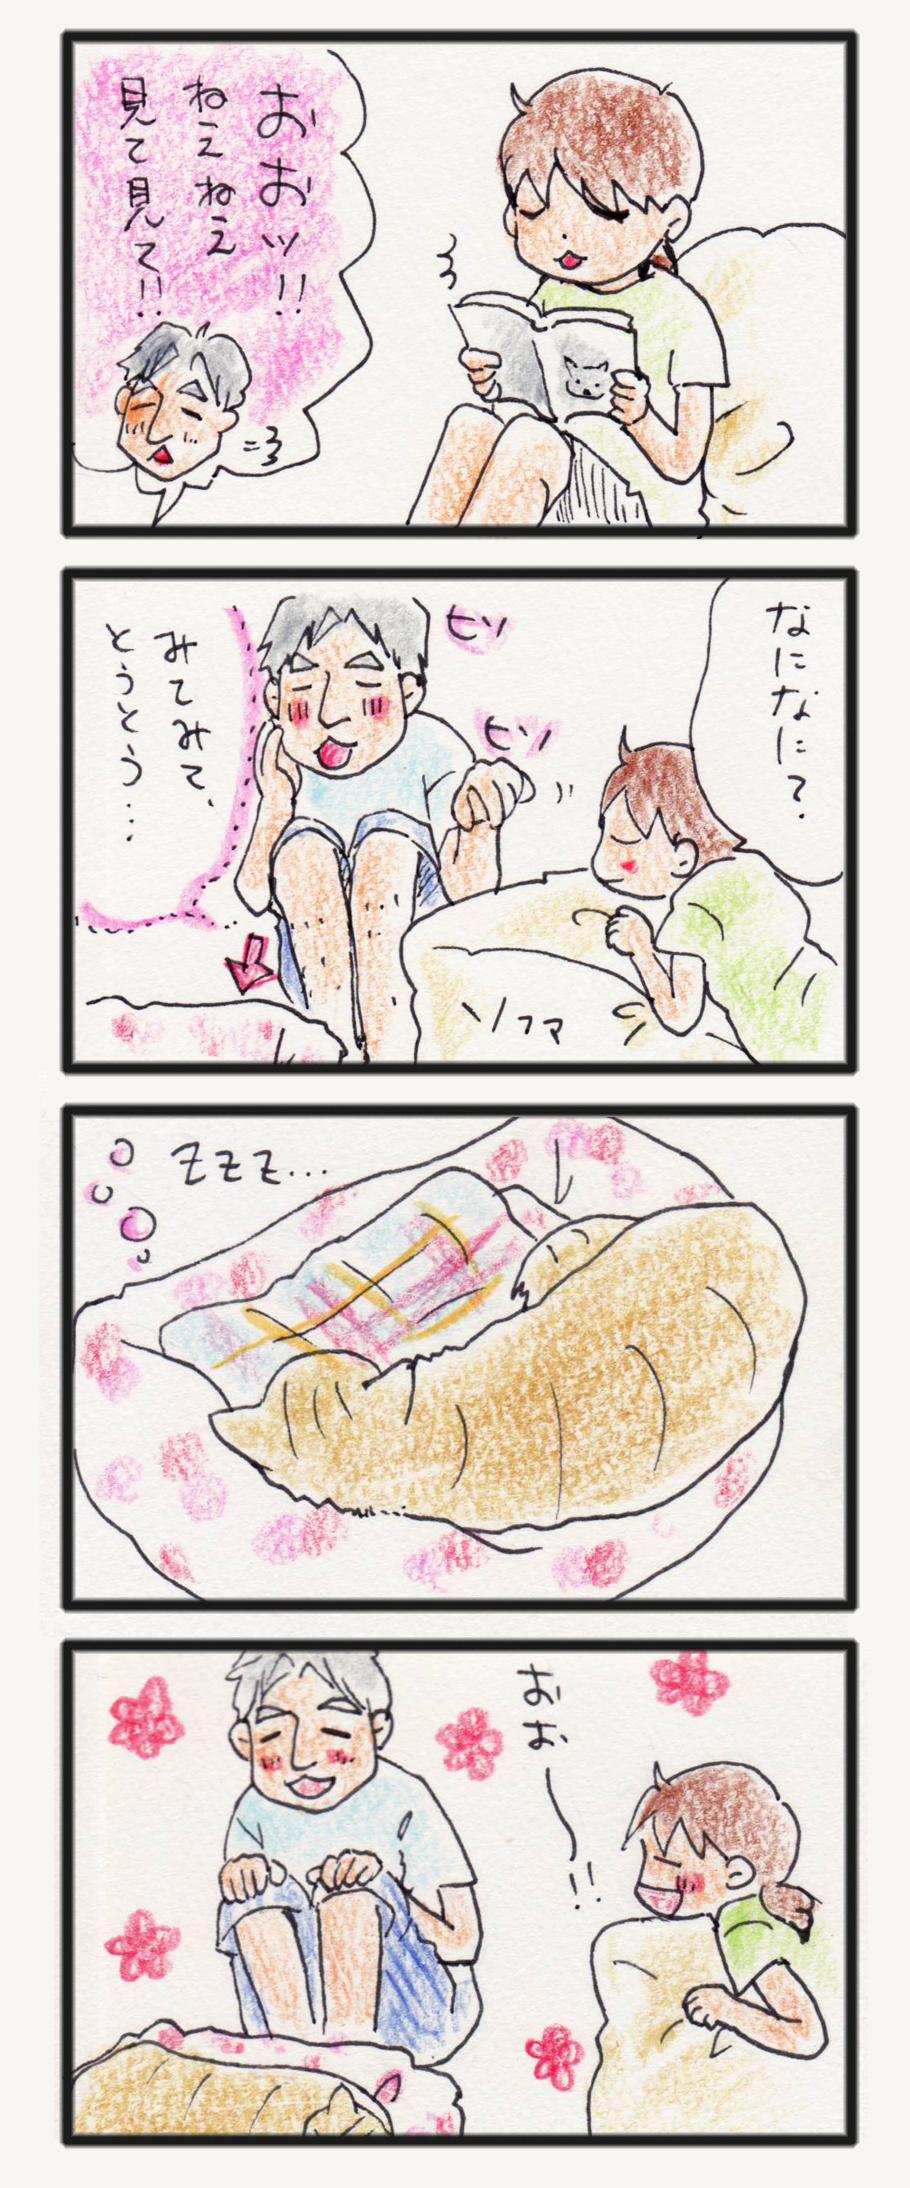 comic_4c_14060302.jpg